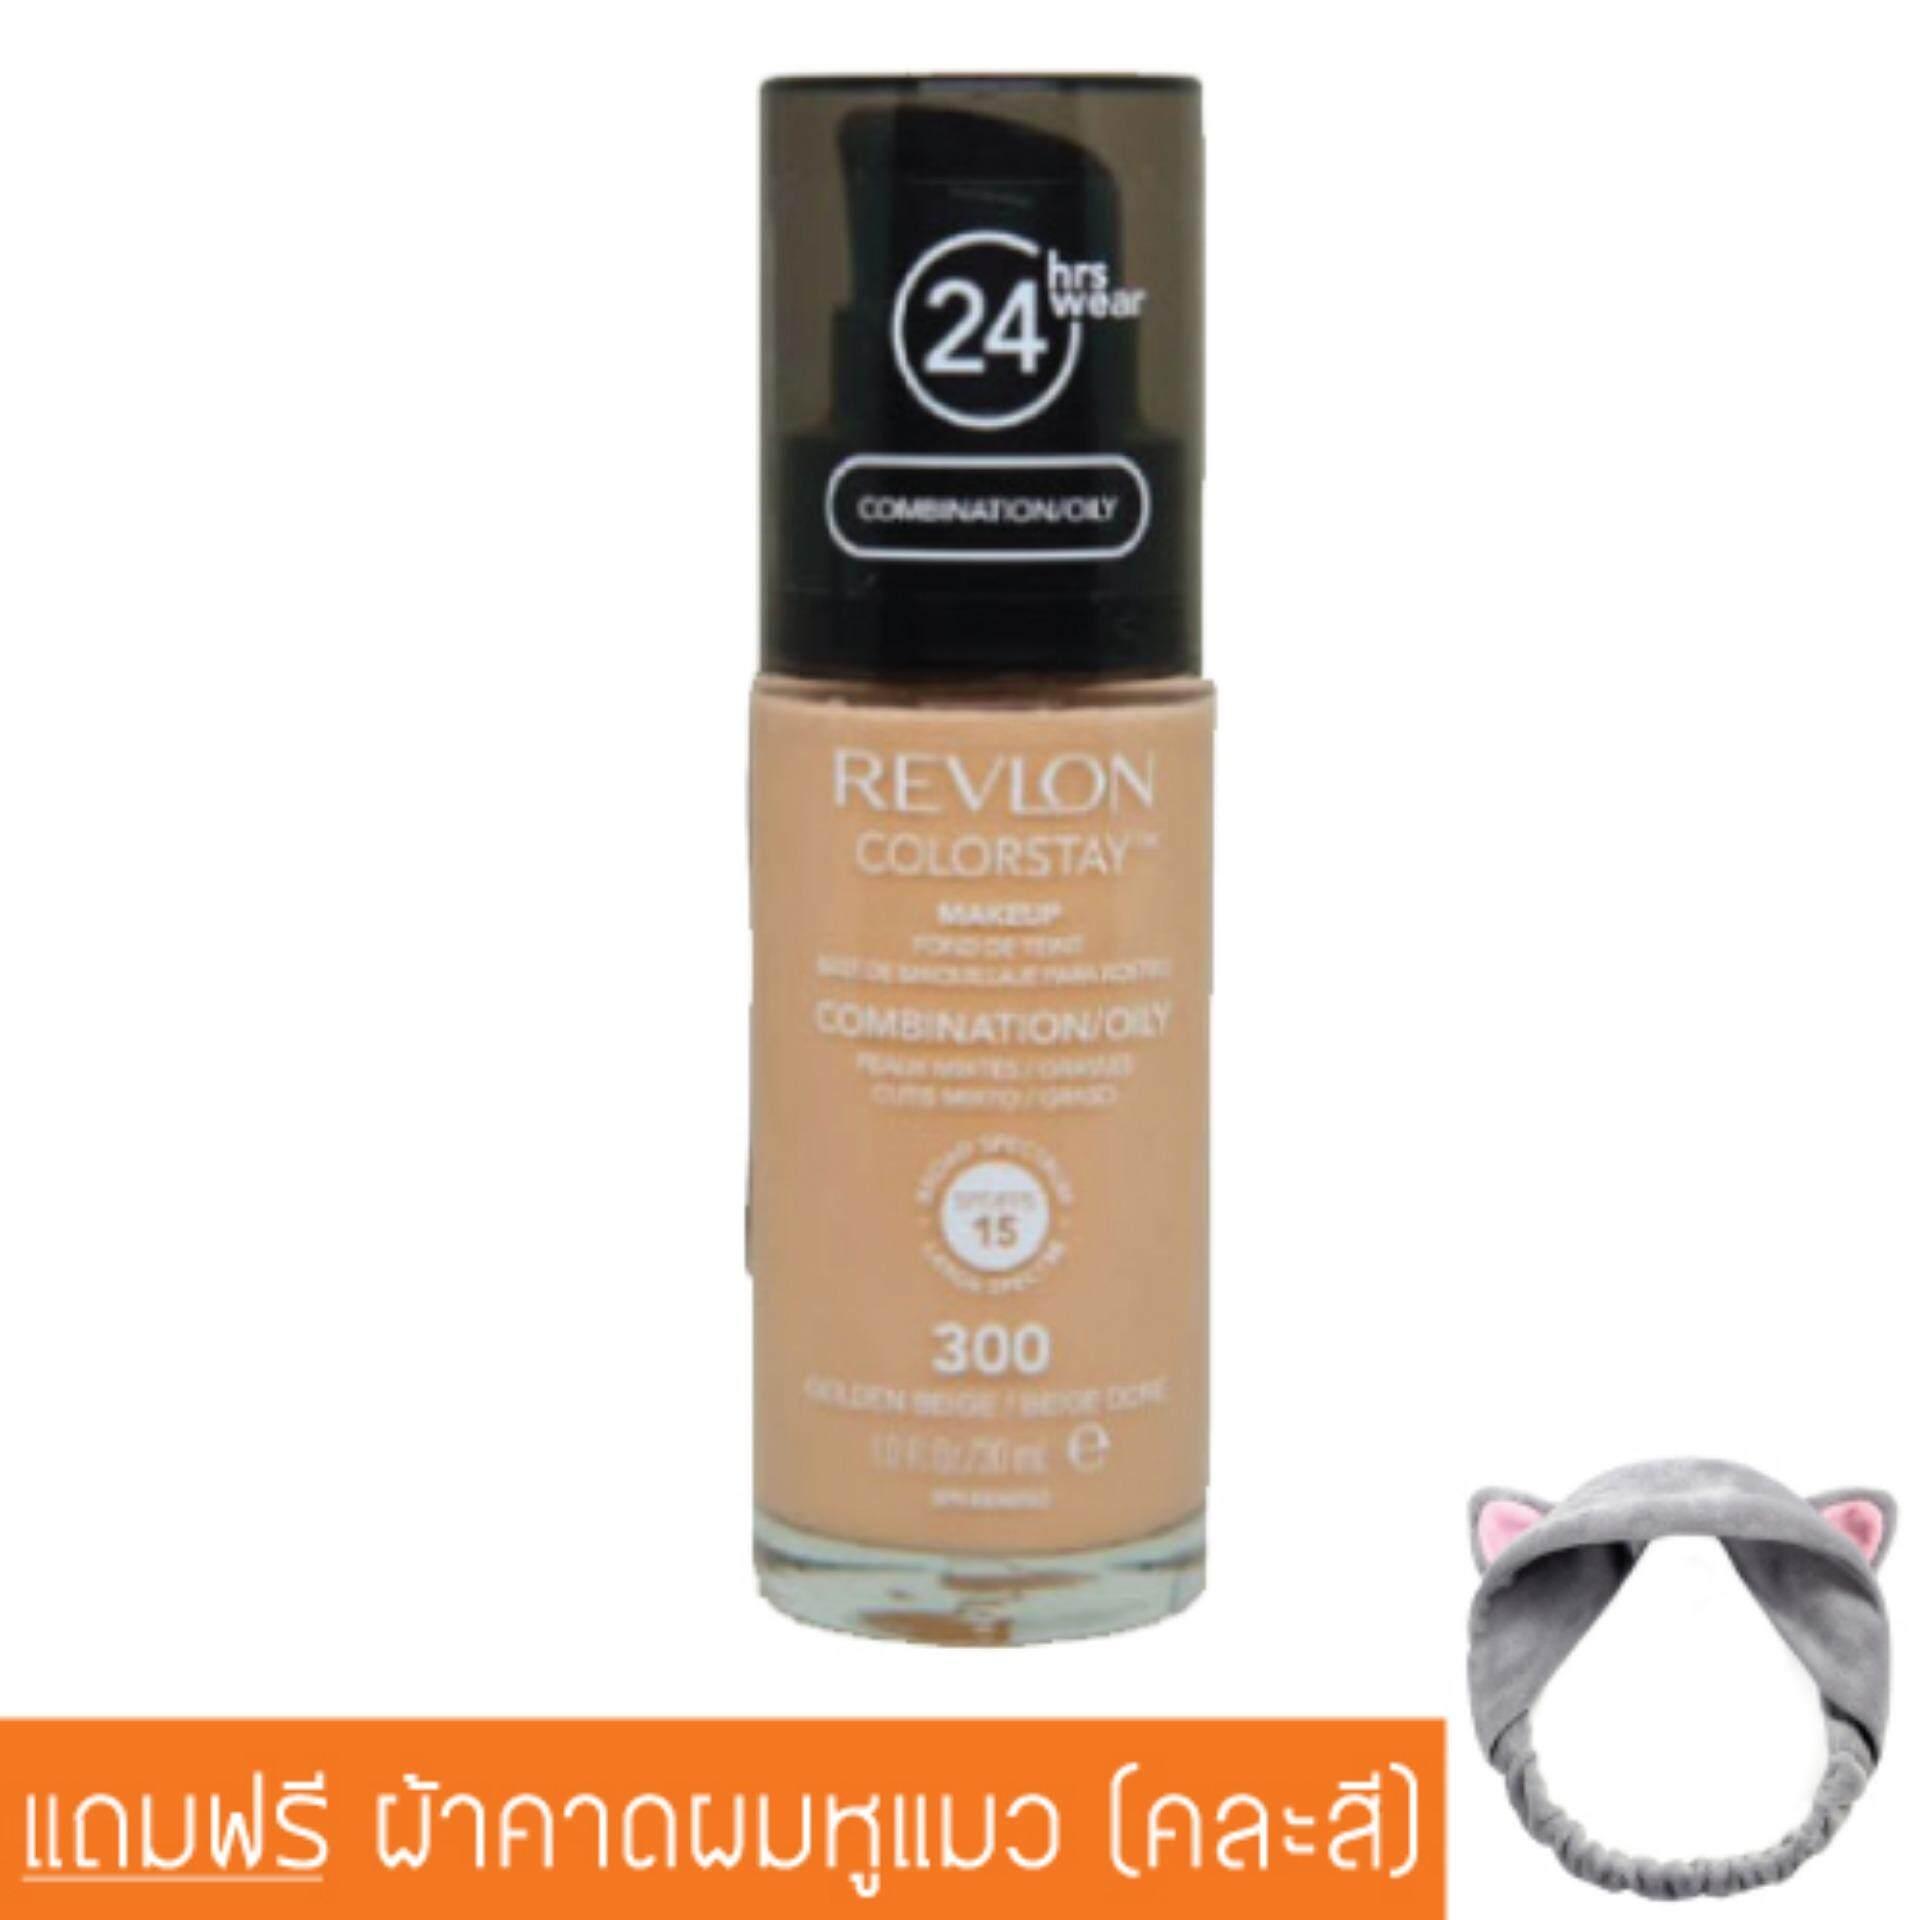 ซื้อ Revlon Color Stay 300 Golden Beige ผลิตปี 2560 ใน กรุงเทพมหานคร